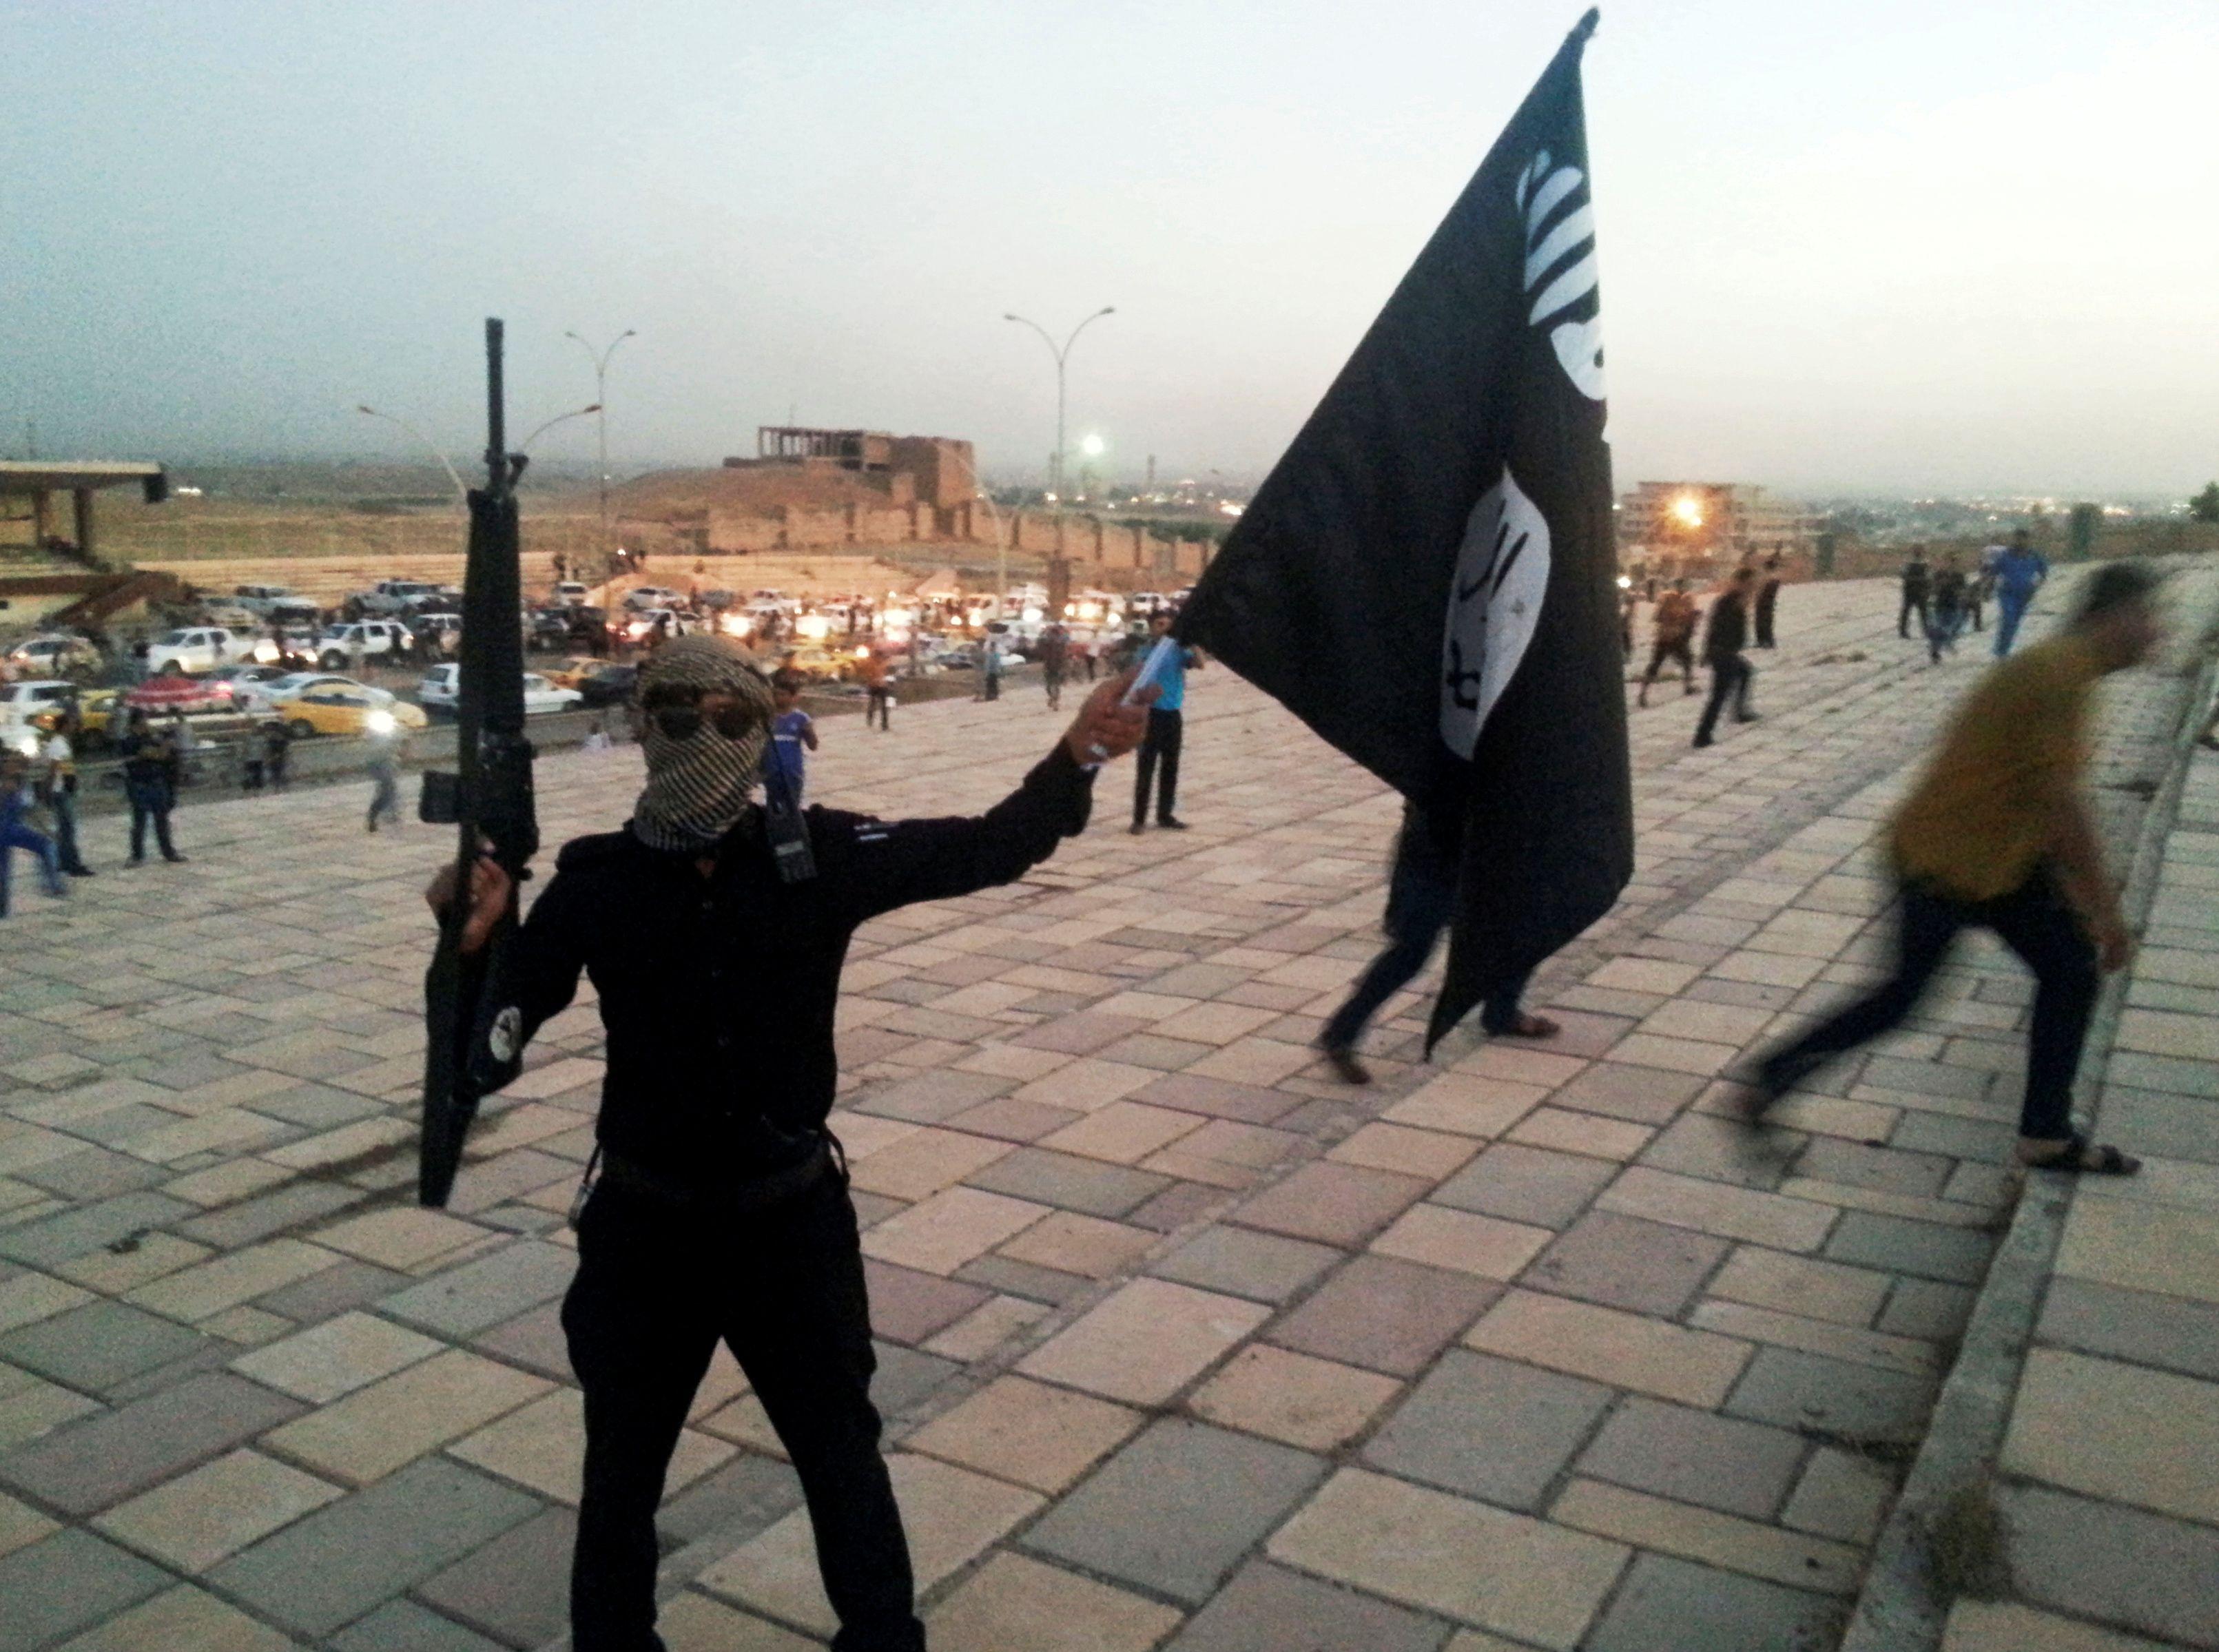 Trois parents soupçonnés d'avoir détourné l'argent de leur association pour la Syrie au profit de leurs enfants djihadistes mis en examen